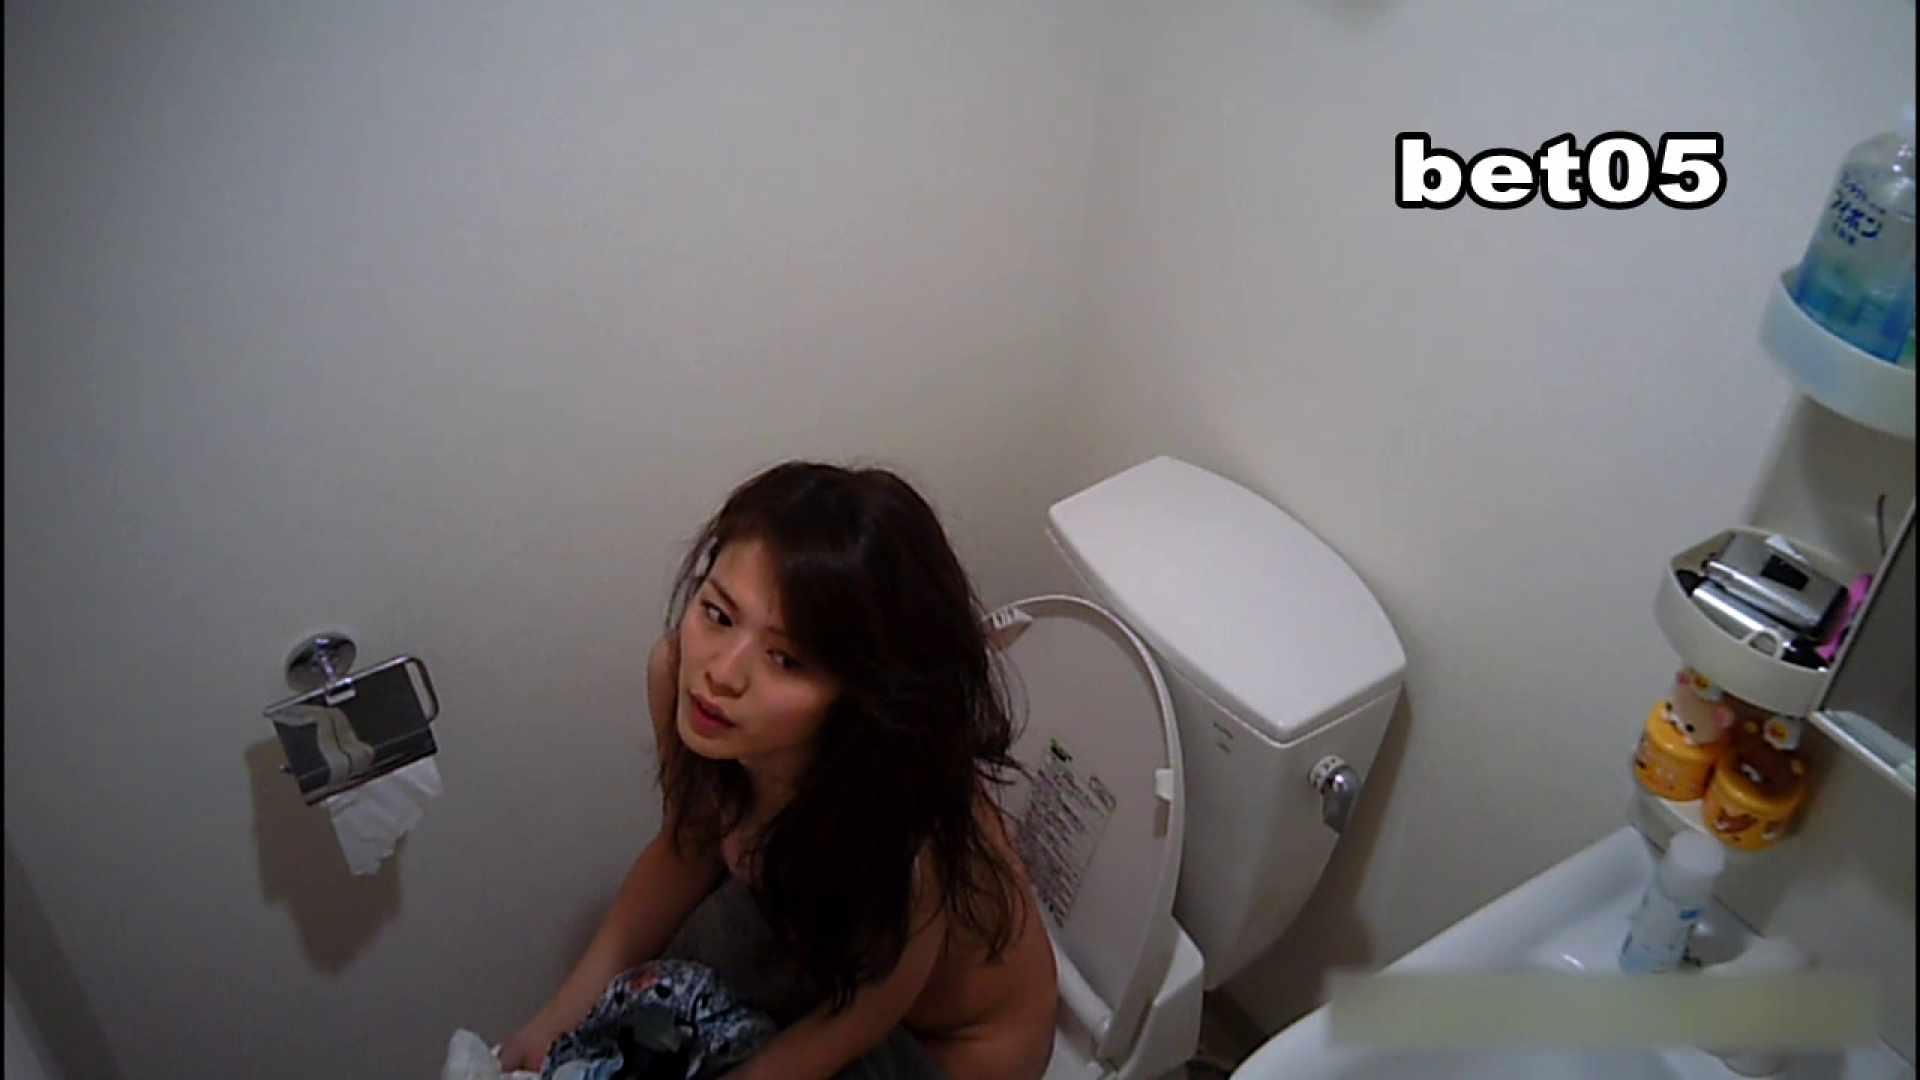 ミキ・大手旅行代理店勤務(24歳・仮名) vol.05 オマケで全裸洗面所も公開 リベンジ  100PIX 84